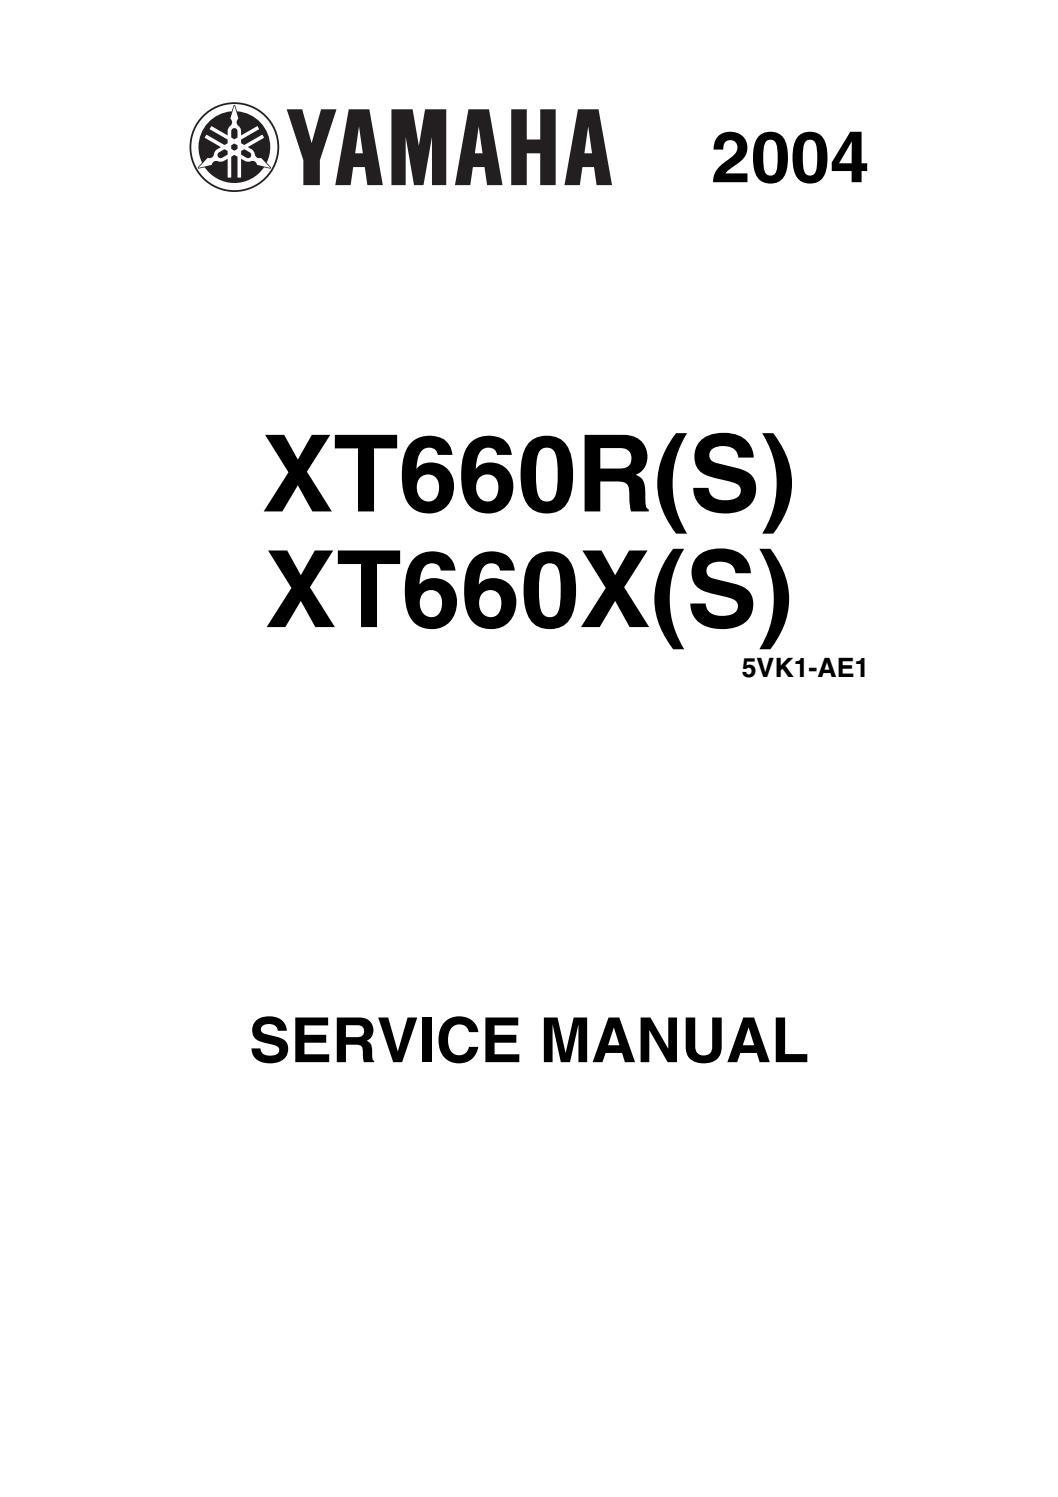 2004 Yamaha XT 660 XT660 R(S) Service Repair Manual by